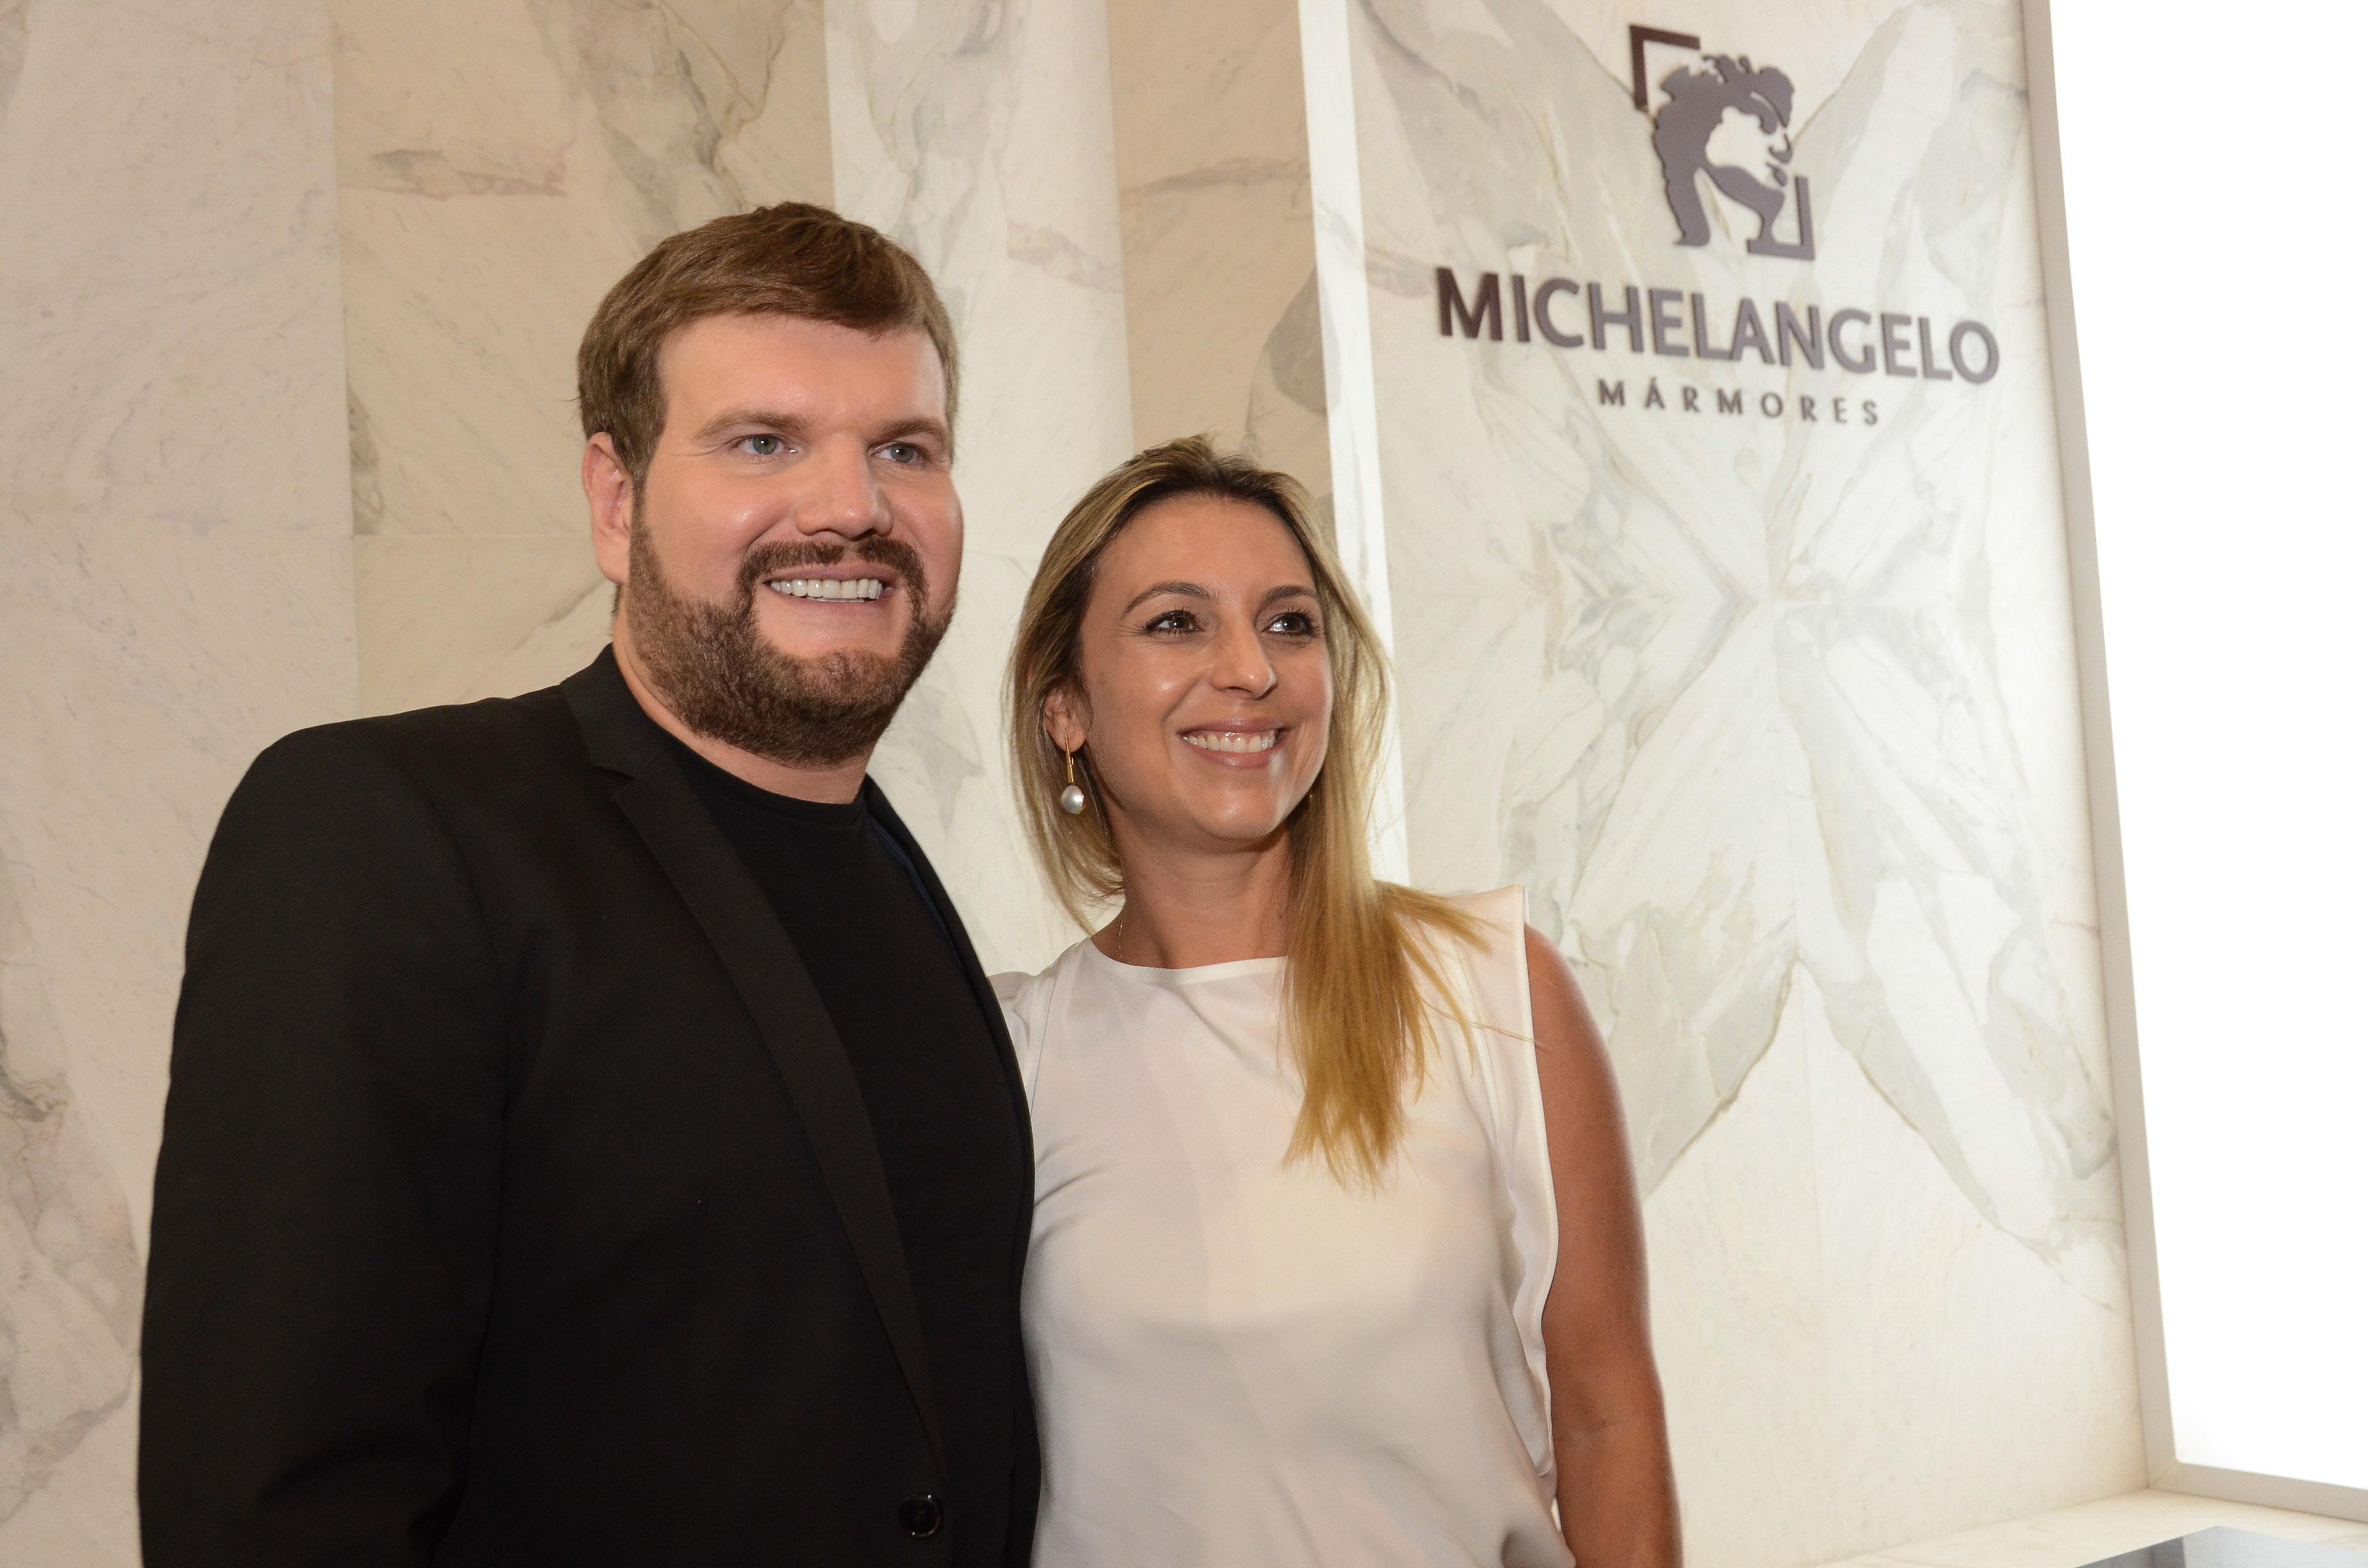 Guilherme Torres e Priscila Fleischfresser (2)